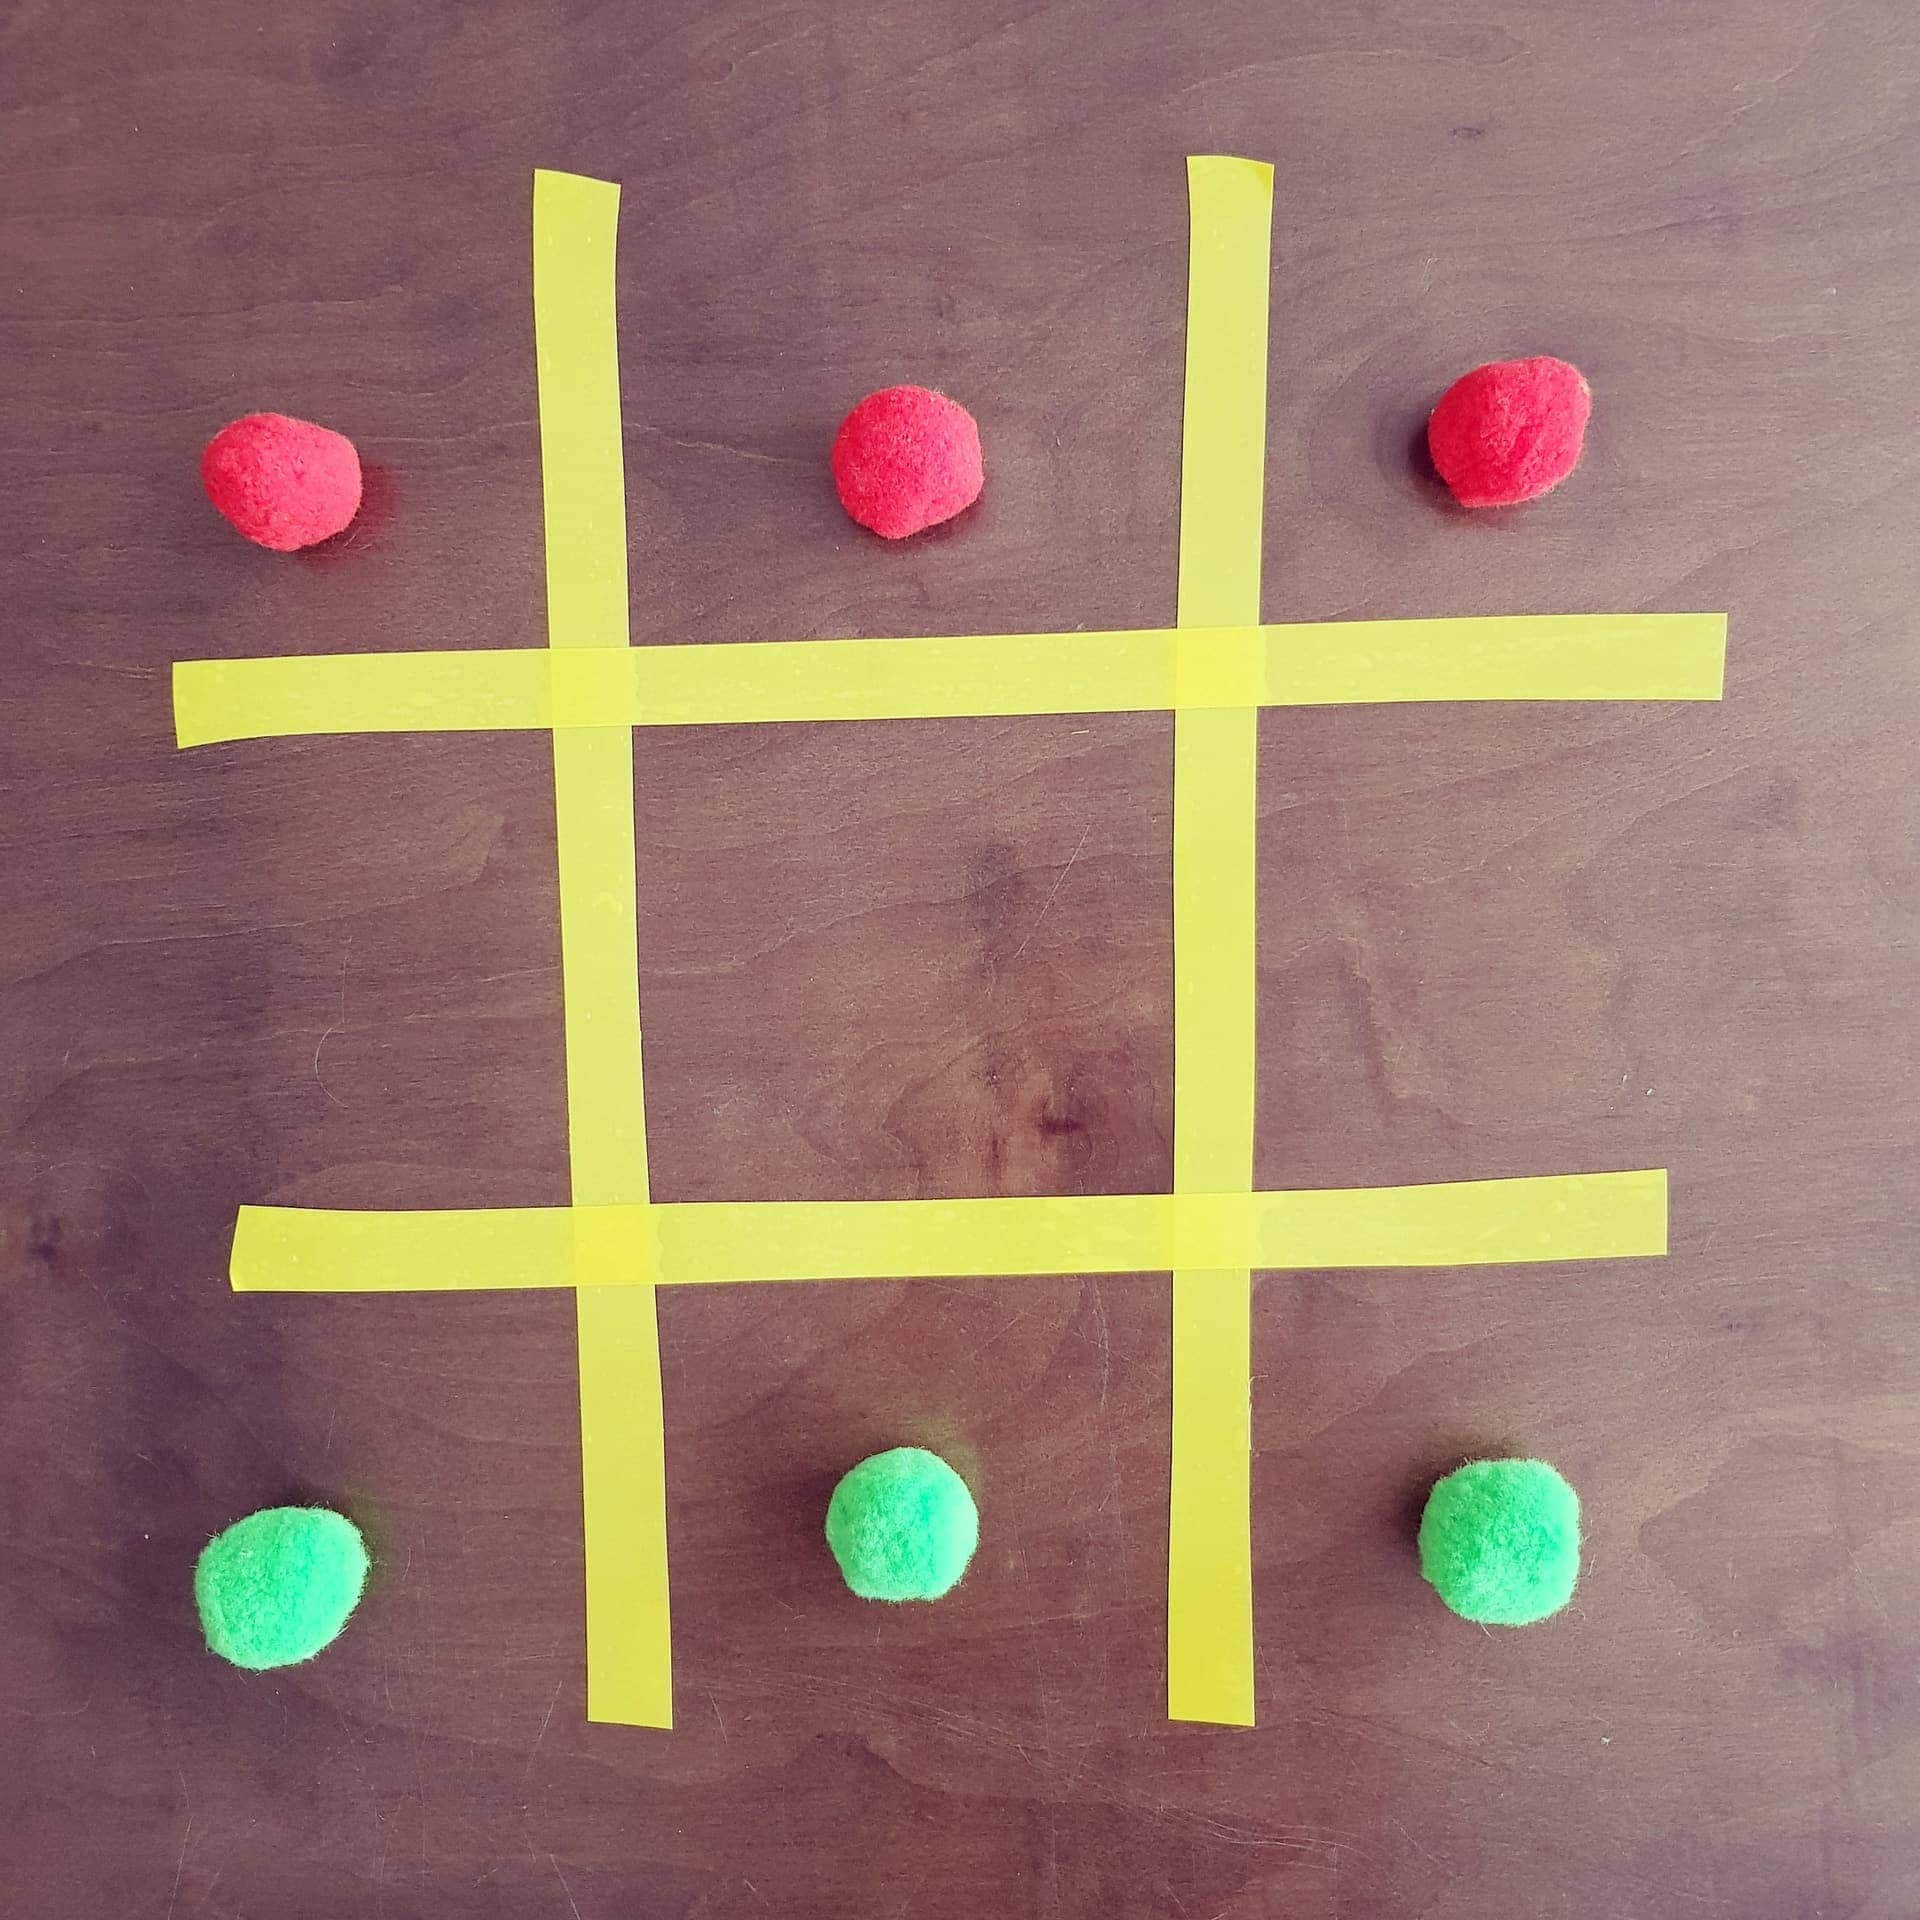 איקס עיגול - רעיונות לפעילויות חורף עם קטנטנים | צילום: מאיה גבע